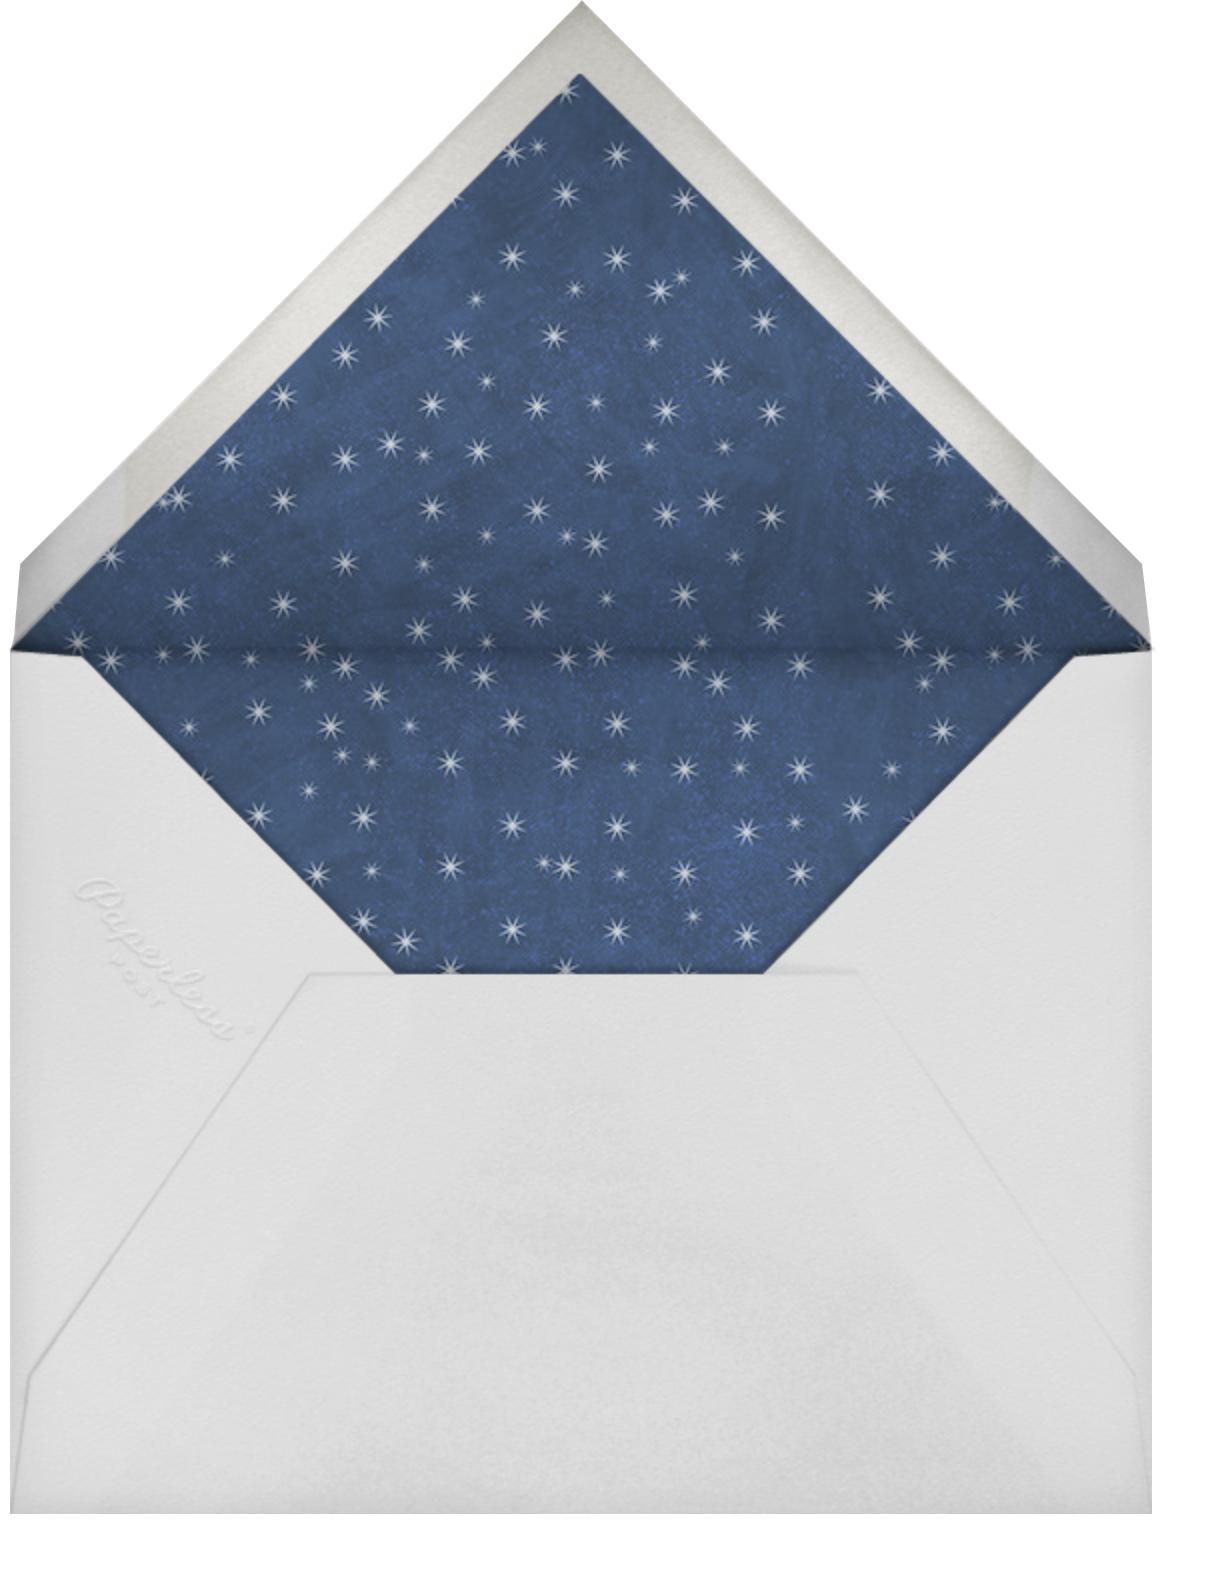 Celeste (Invitation) - Paperless Post - Rehearsal dinner - envelope back